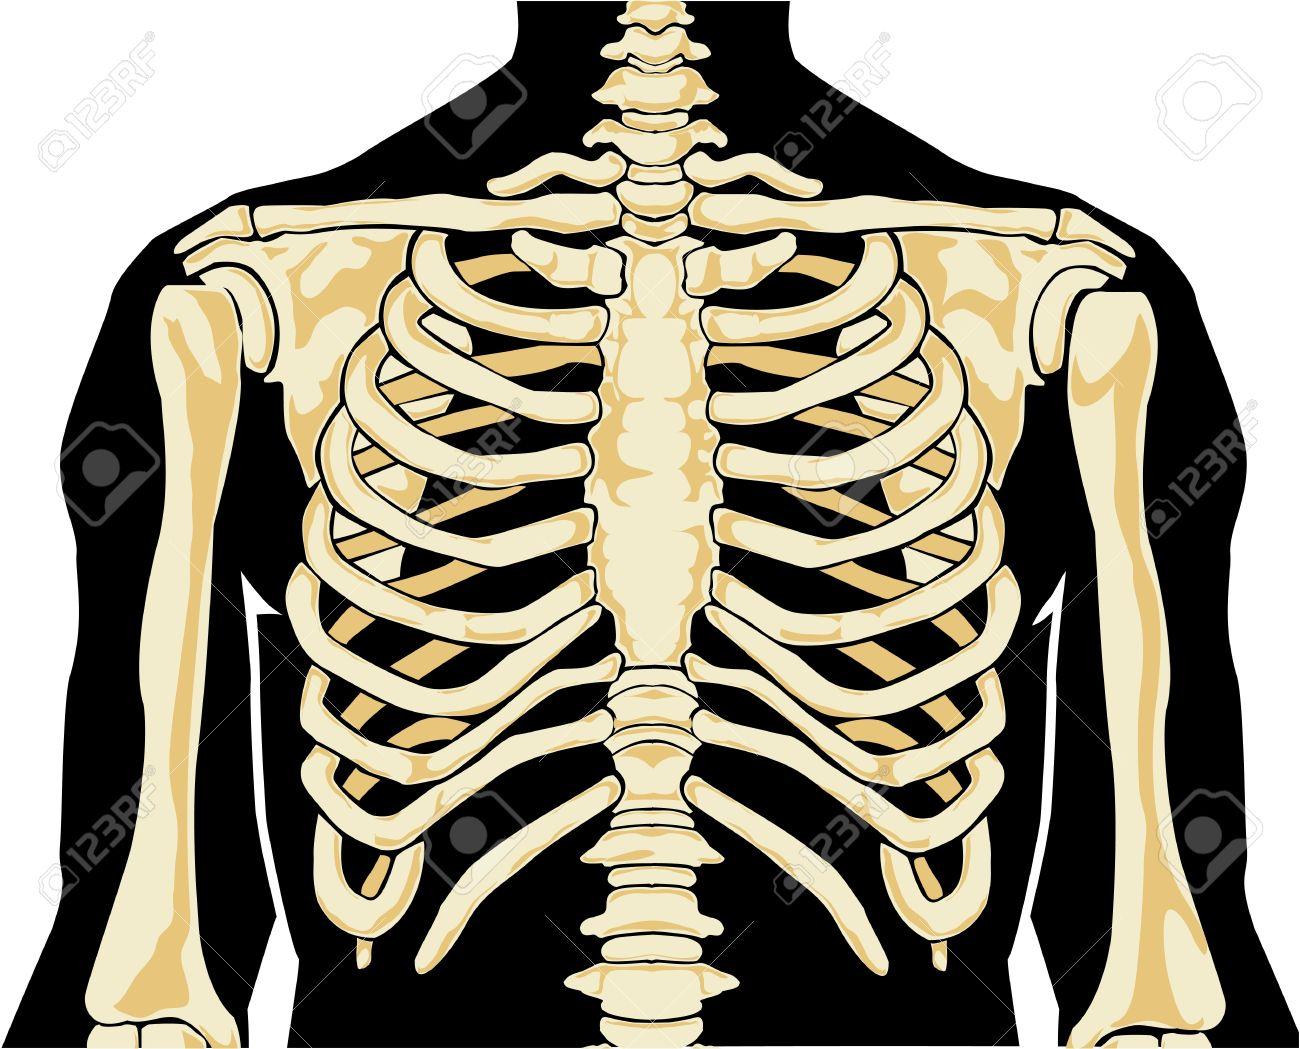 Фото грудины человека 16 фотография